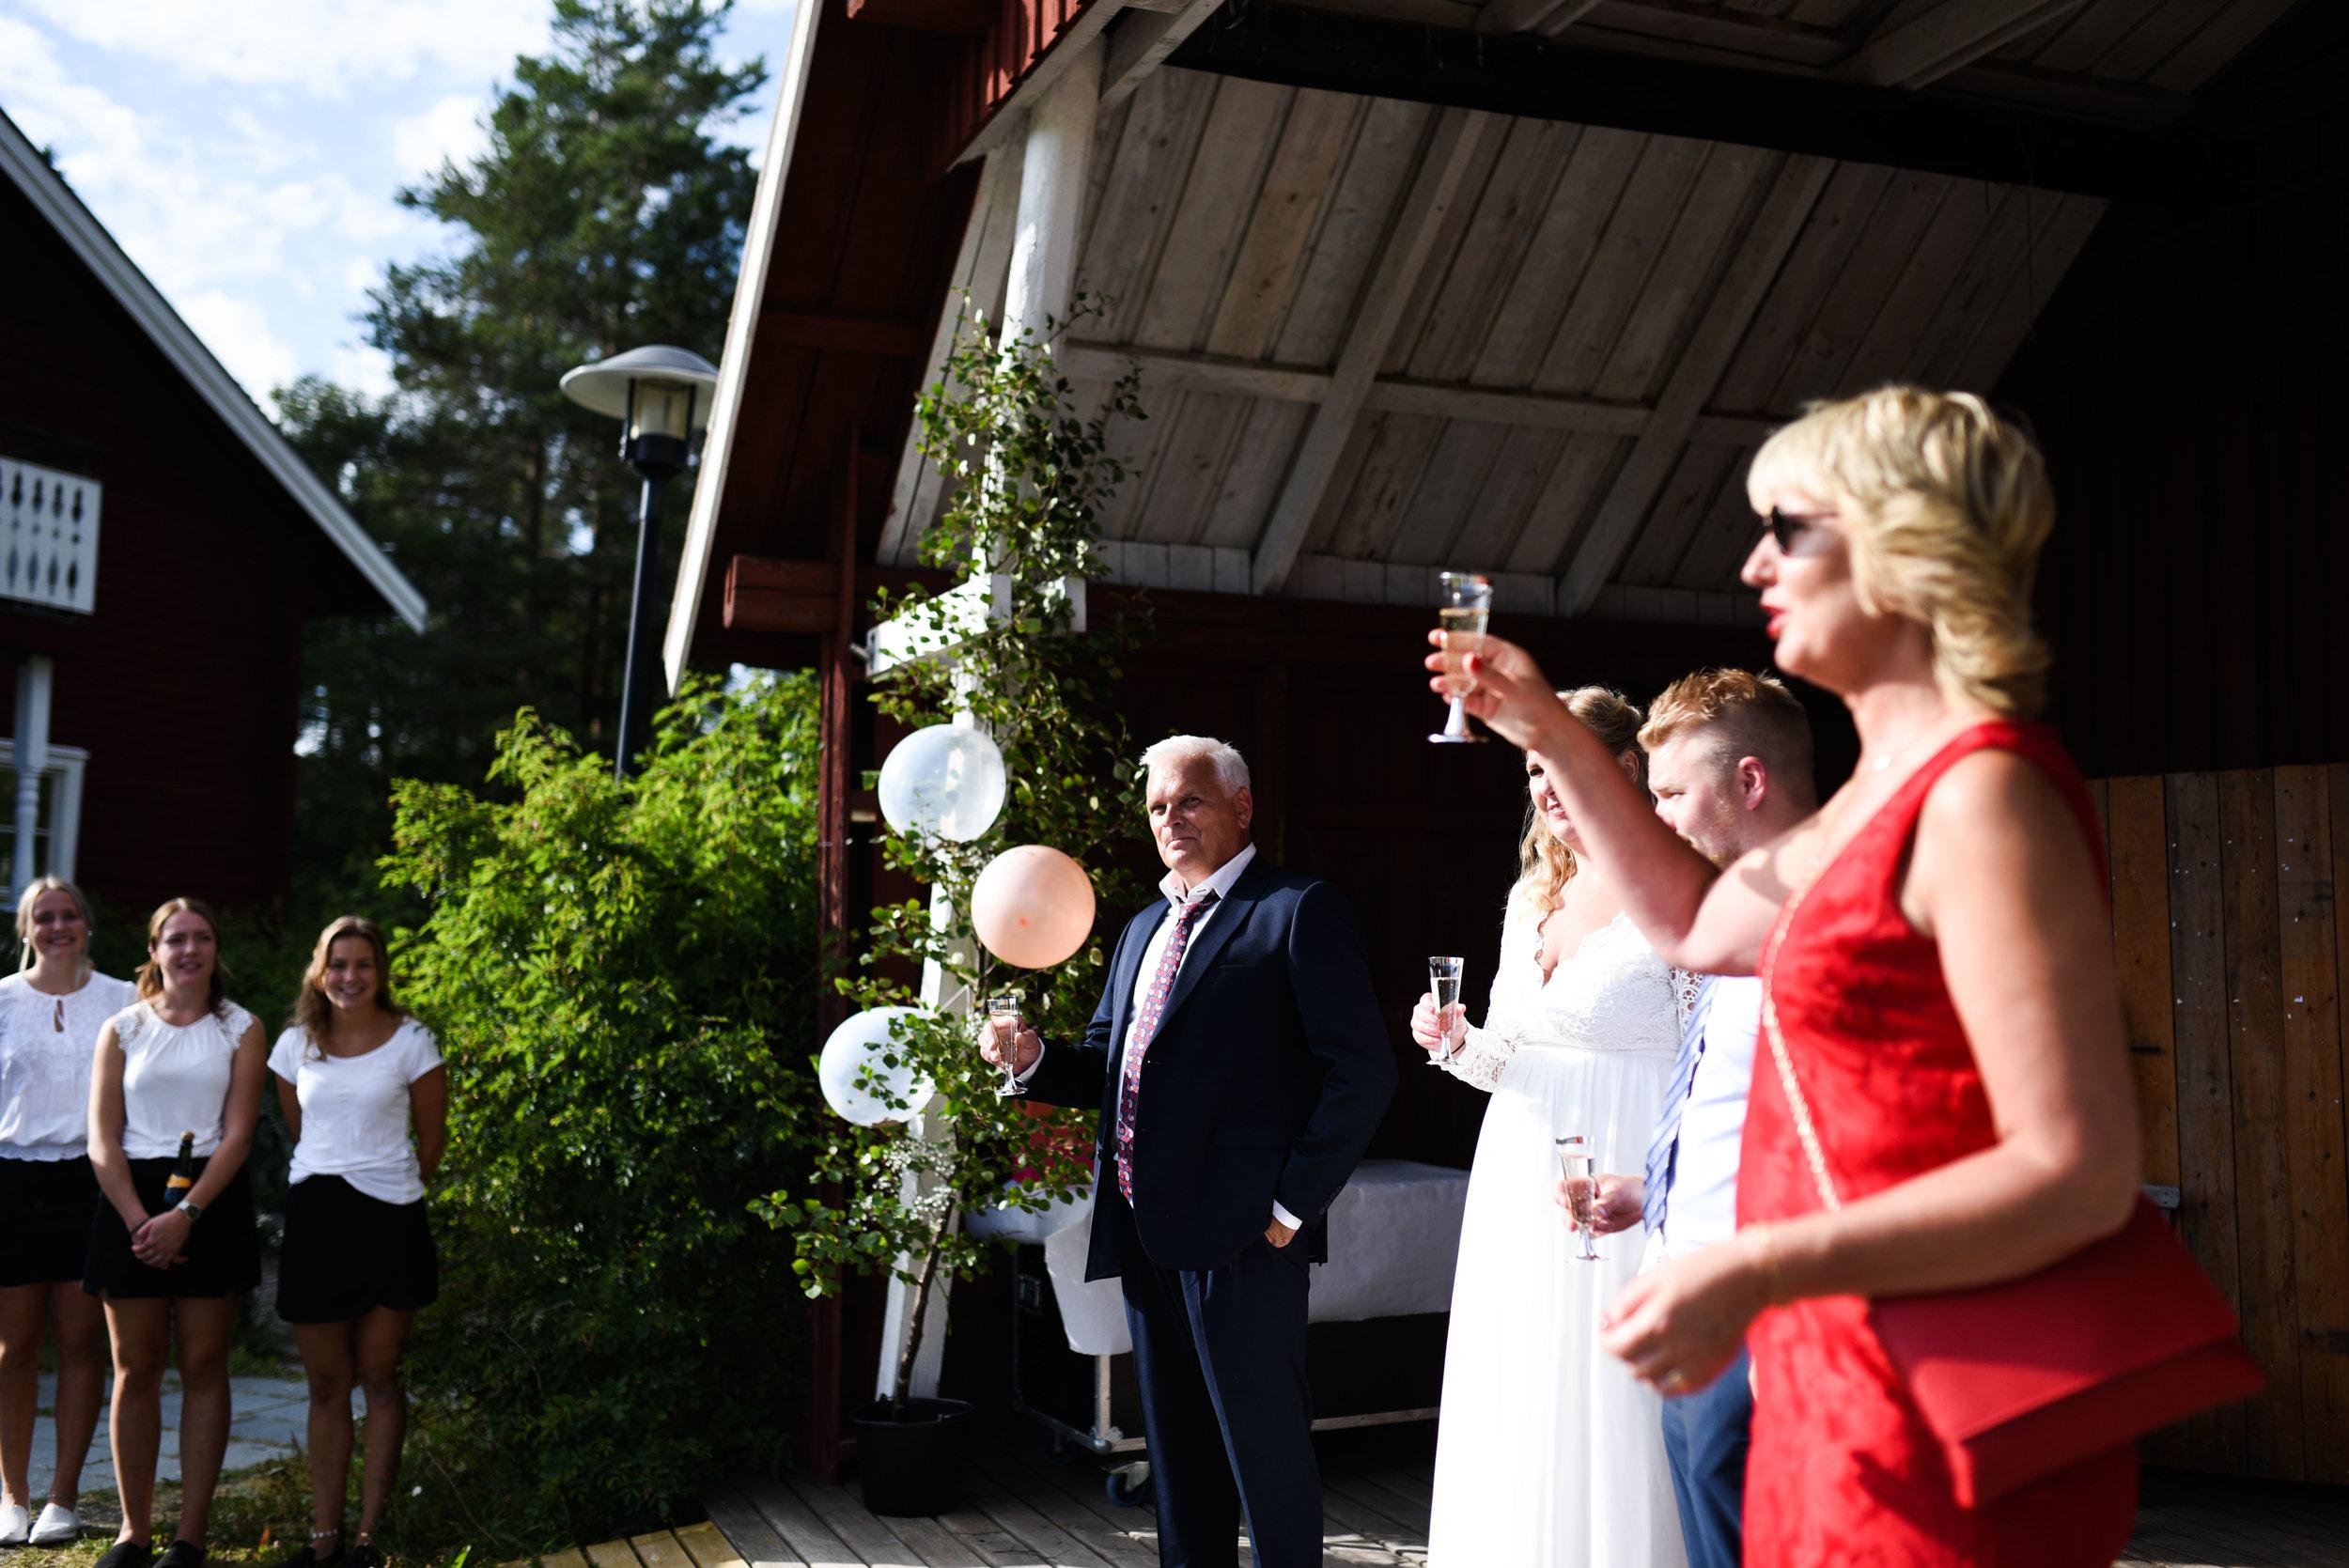 Bröllop2019lågkvall2-5894.jpg